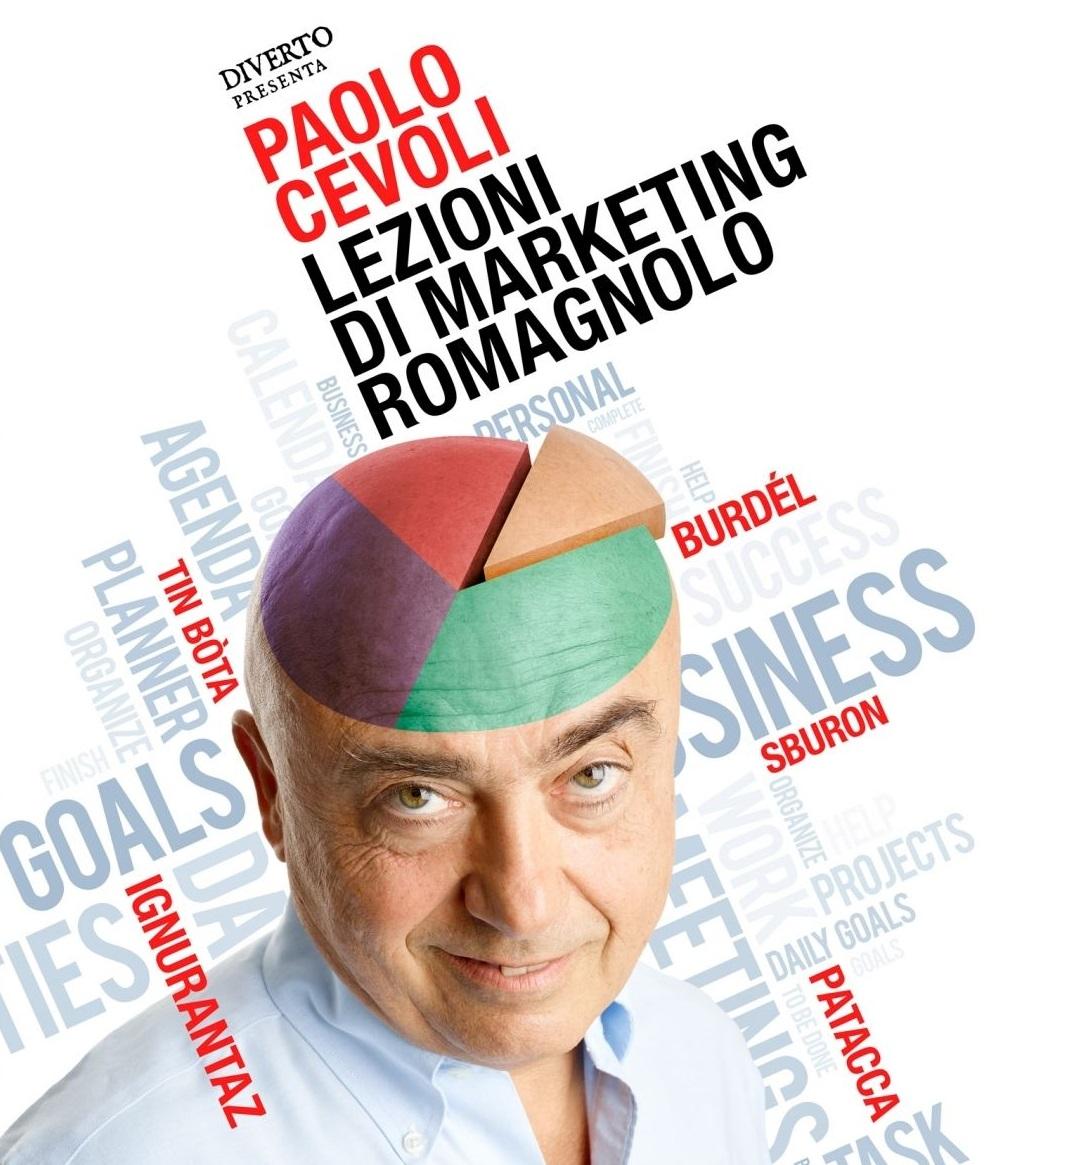 """""""Lezioni di marketing romagnolo"""" di Paolo Cevoli: i valori di Sboronaggine, Ignorantezza e Patacchismo"""